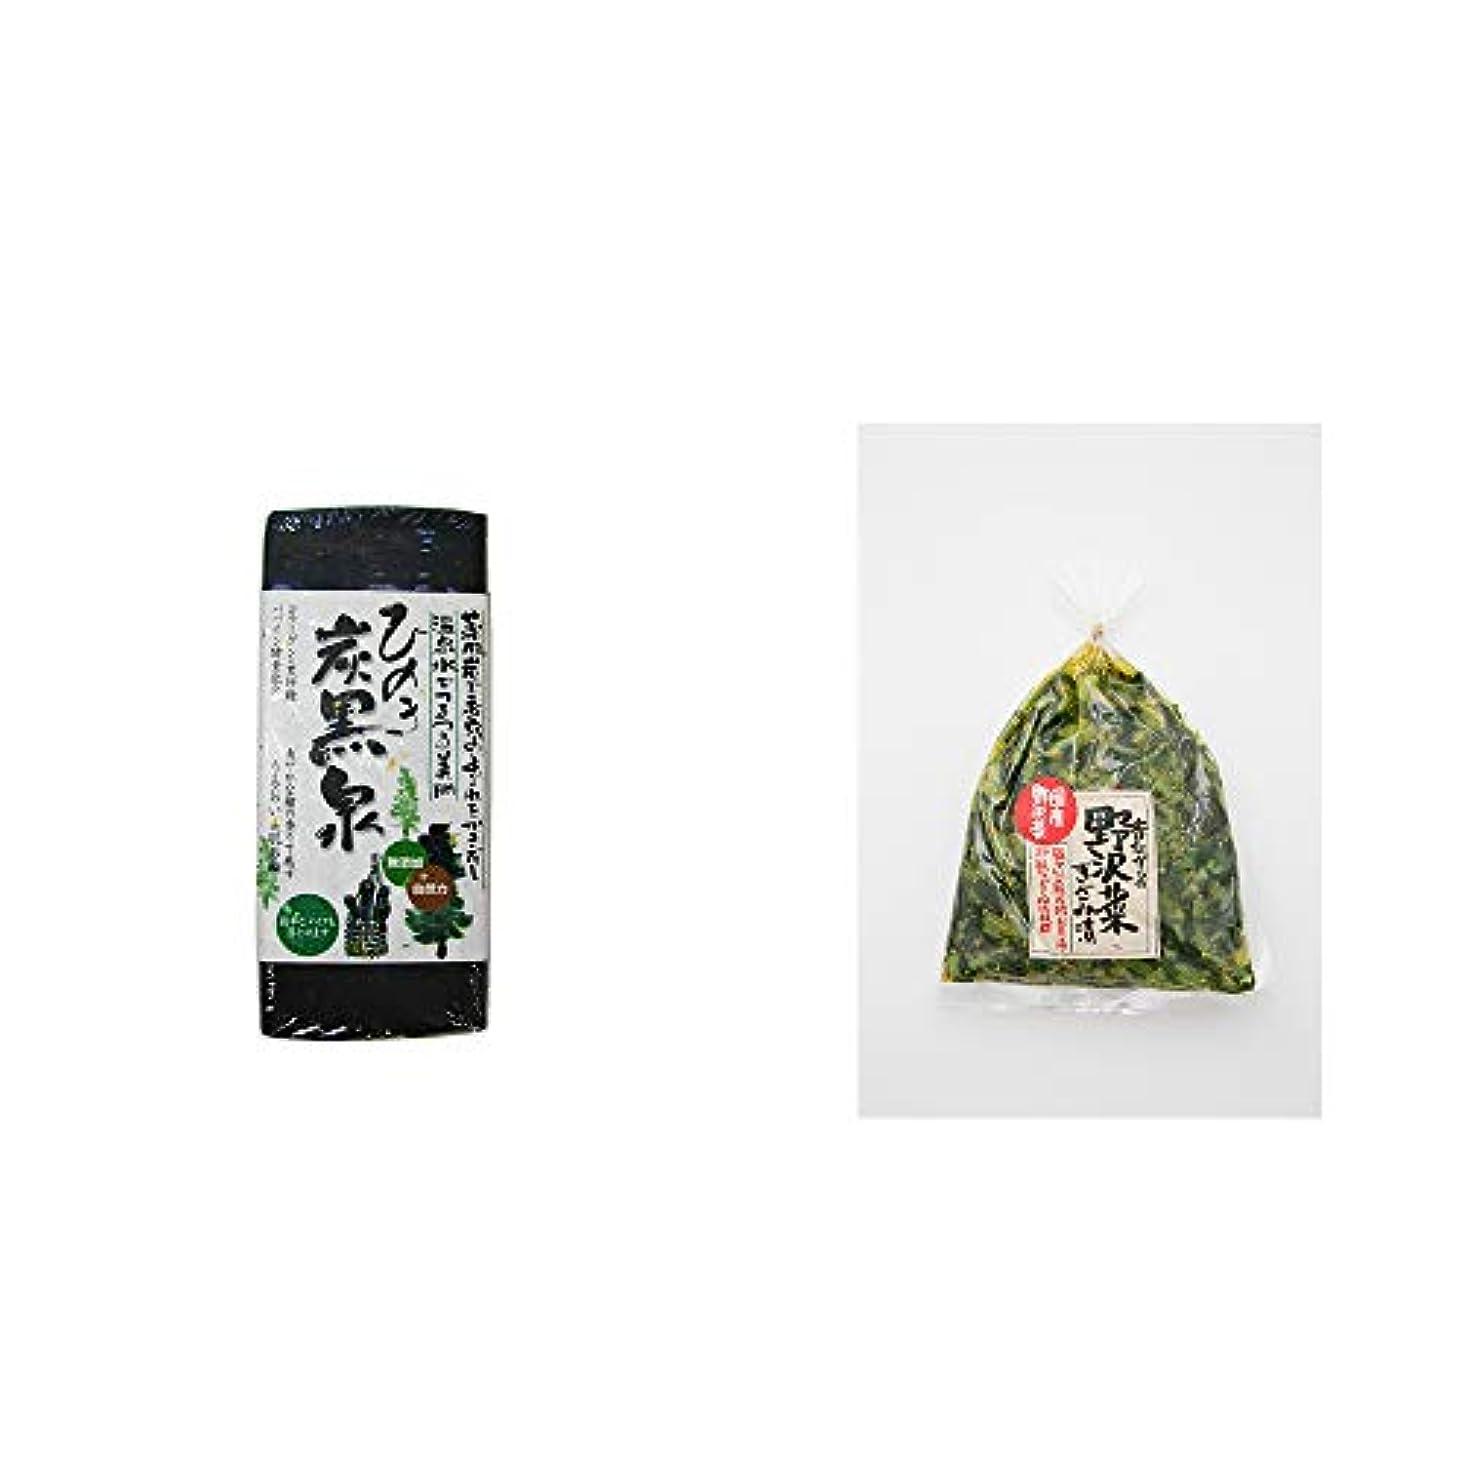 注目すべきアダルト形式[2点セット] ひのき炭黒泉(75g×2)・国産 昔ながらの野沢菜きざみ漬け(150g)